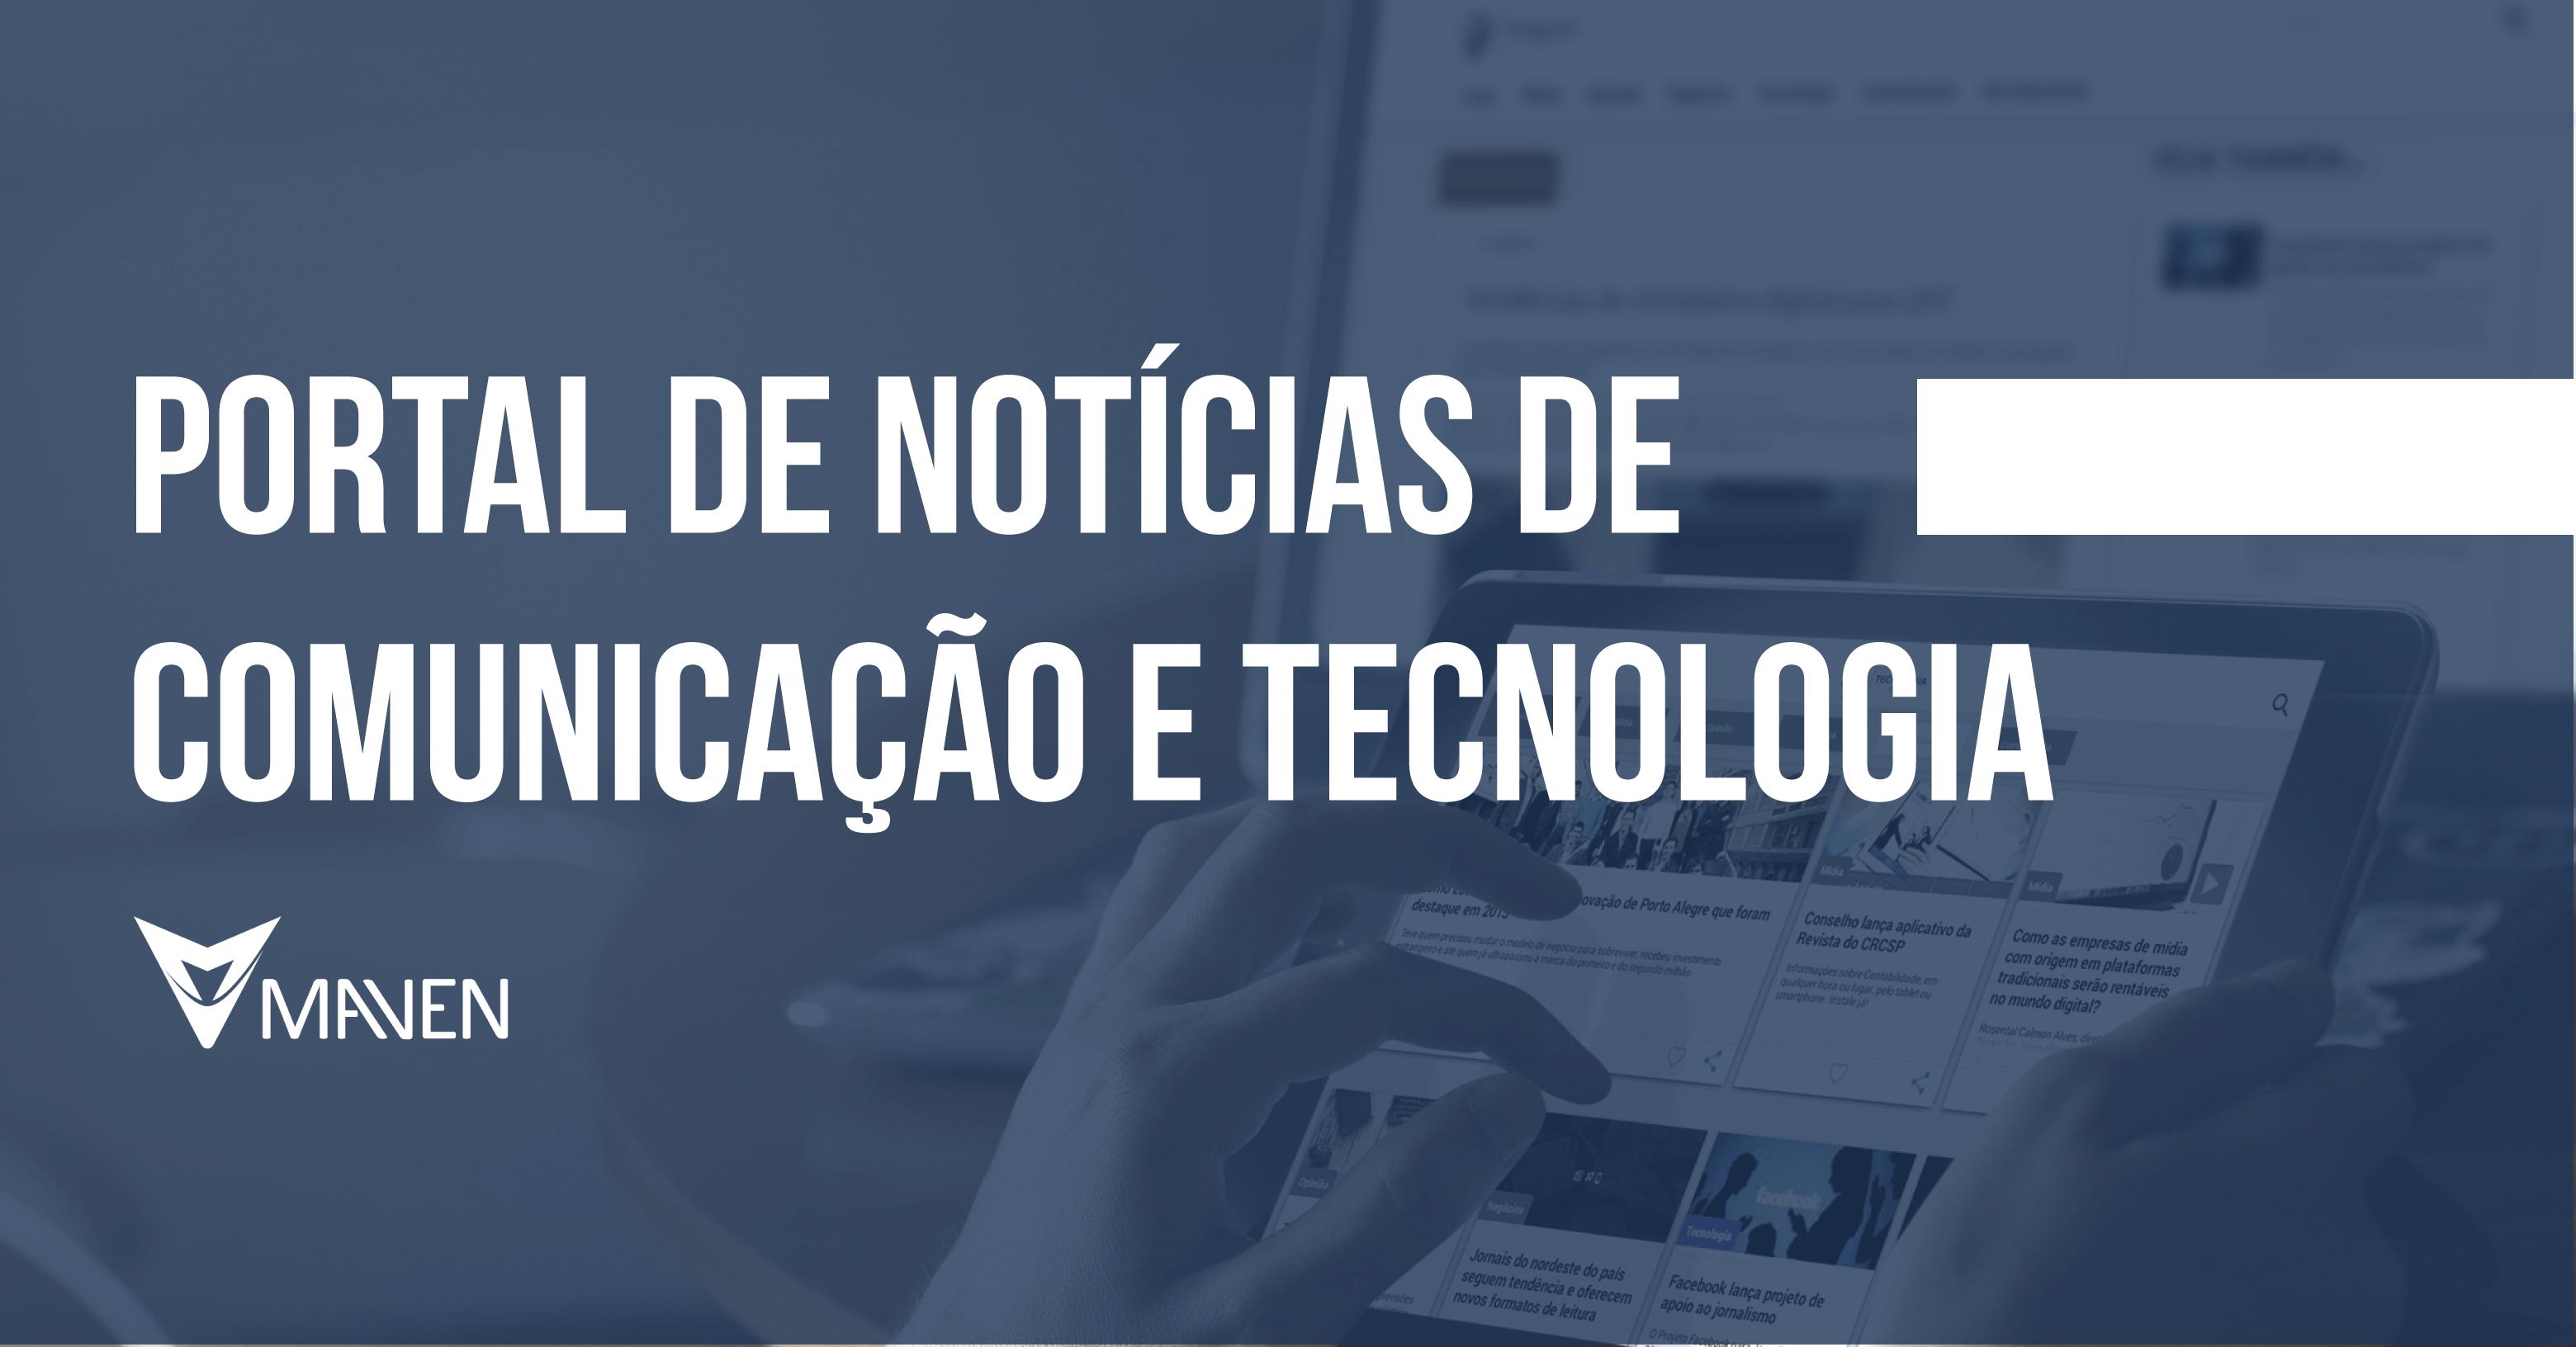 Portal de notícias de Comunicação e Tecnologia.